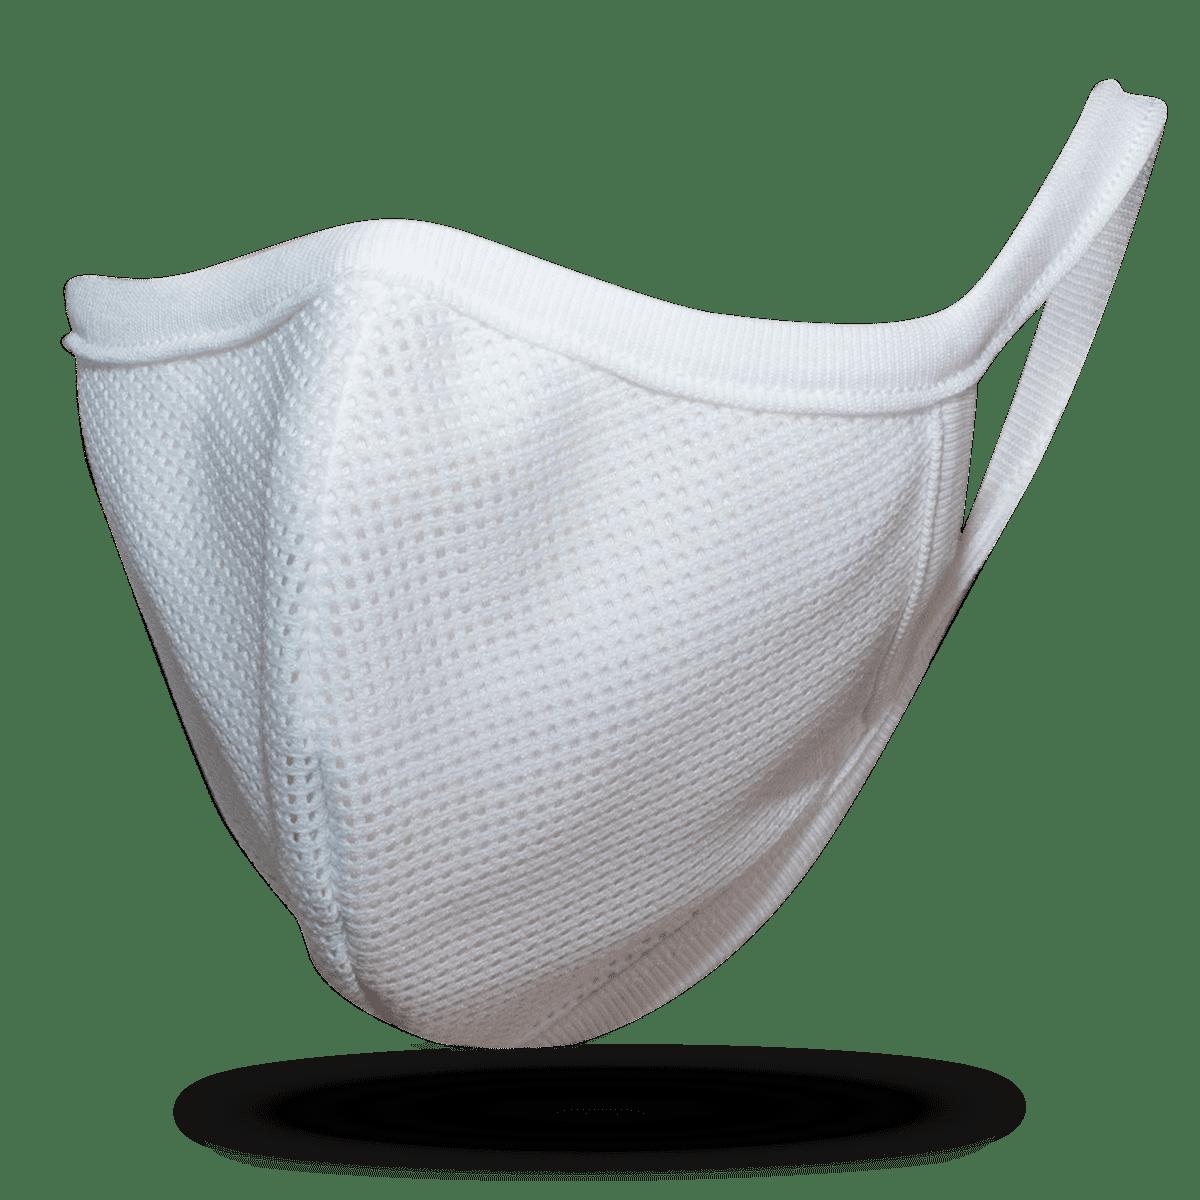 3×3(サンサン)マスク ホワイトメッシュ